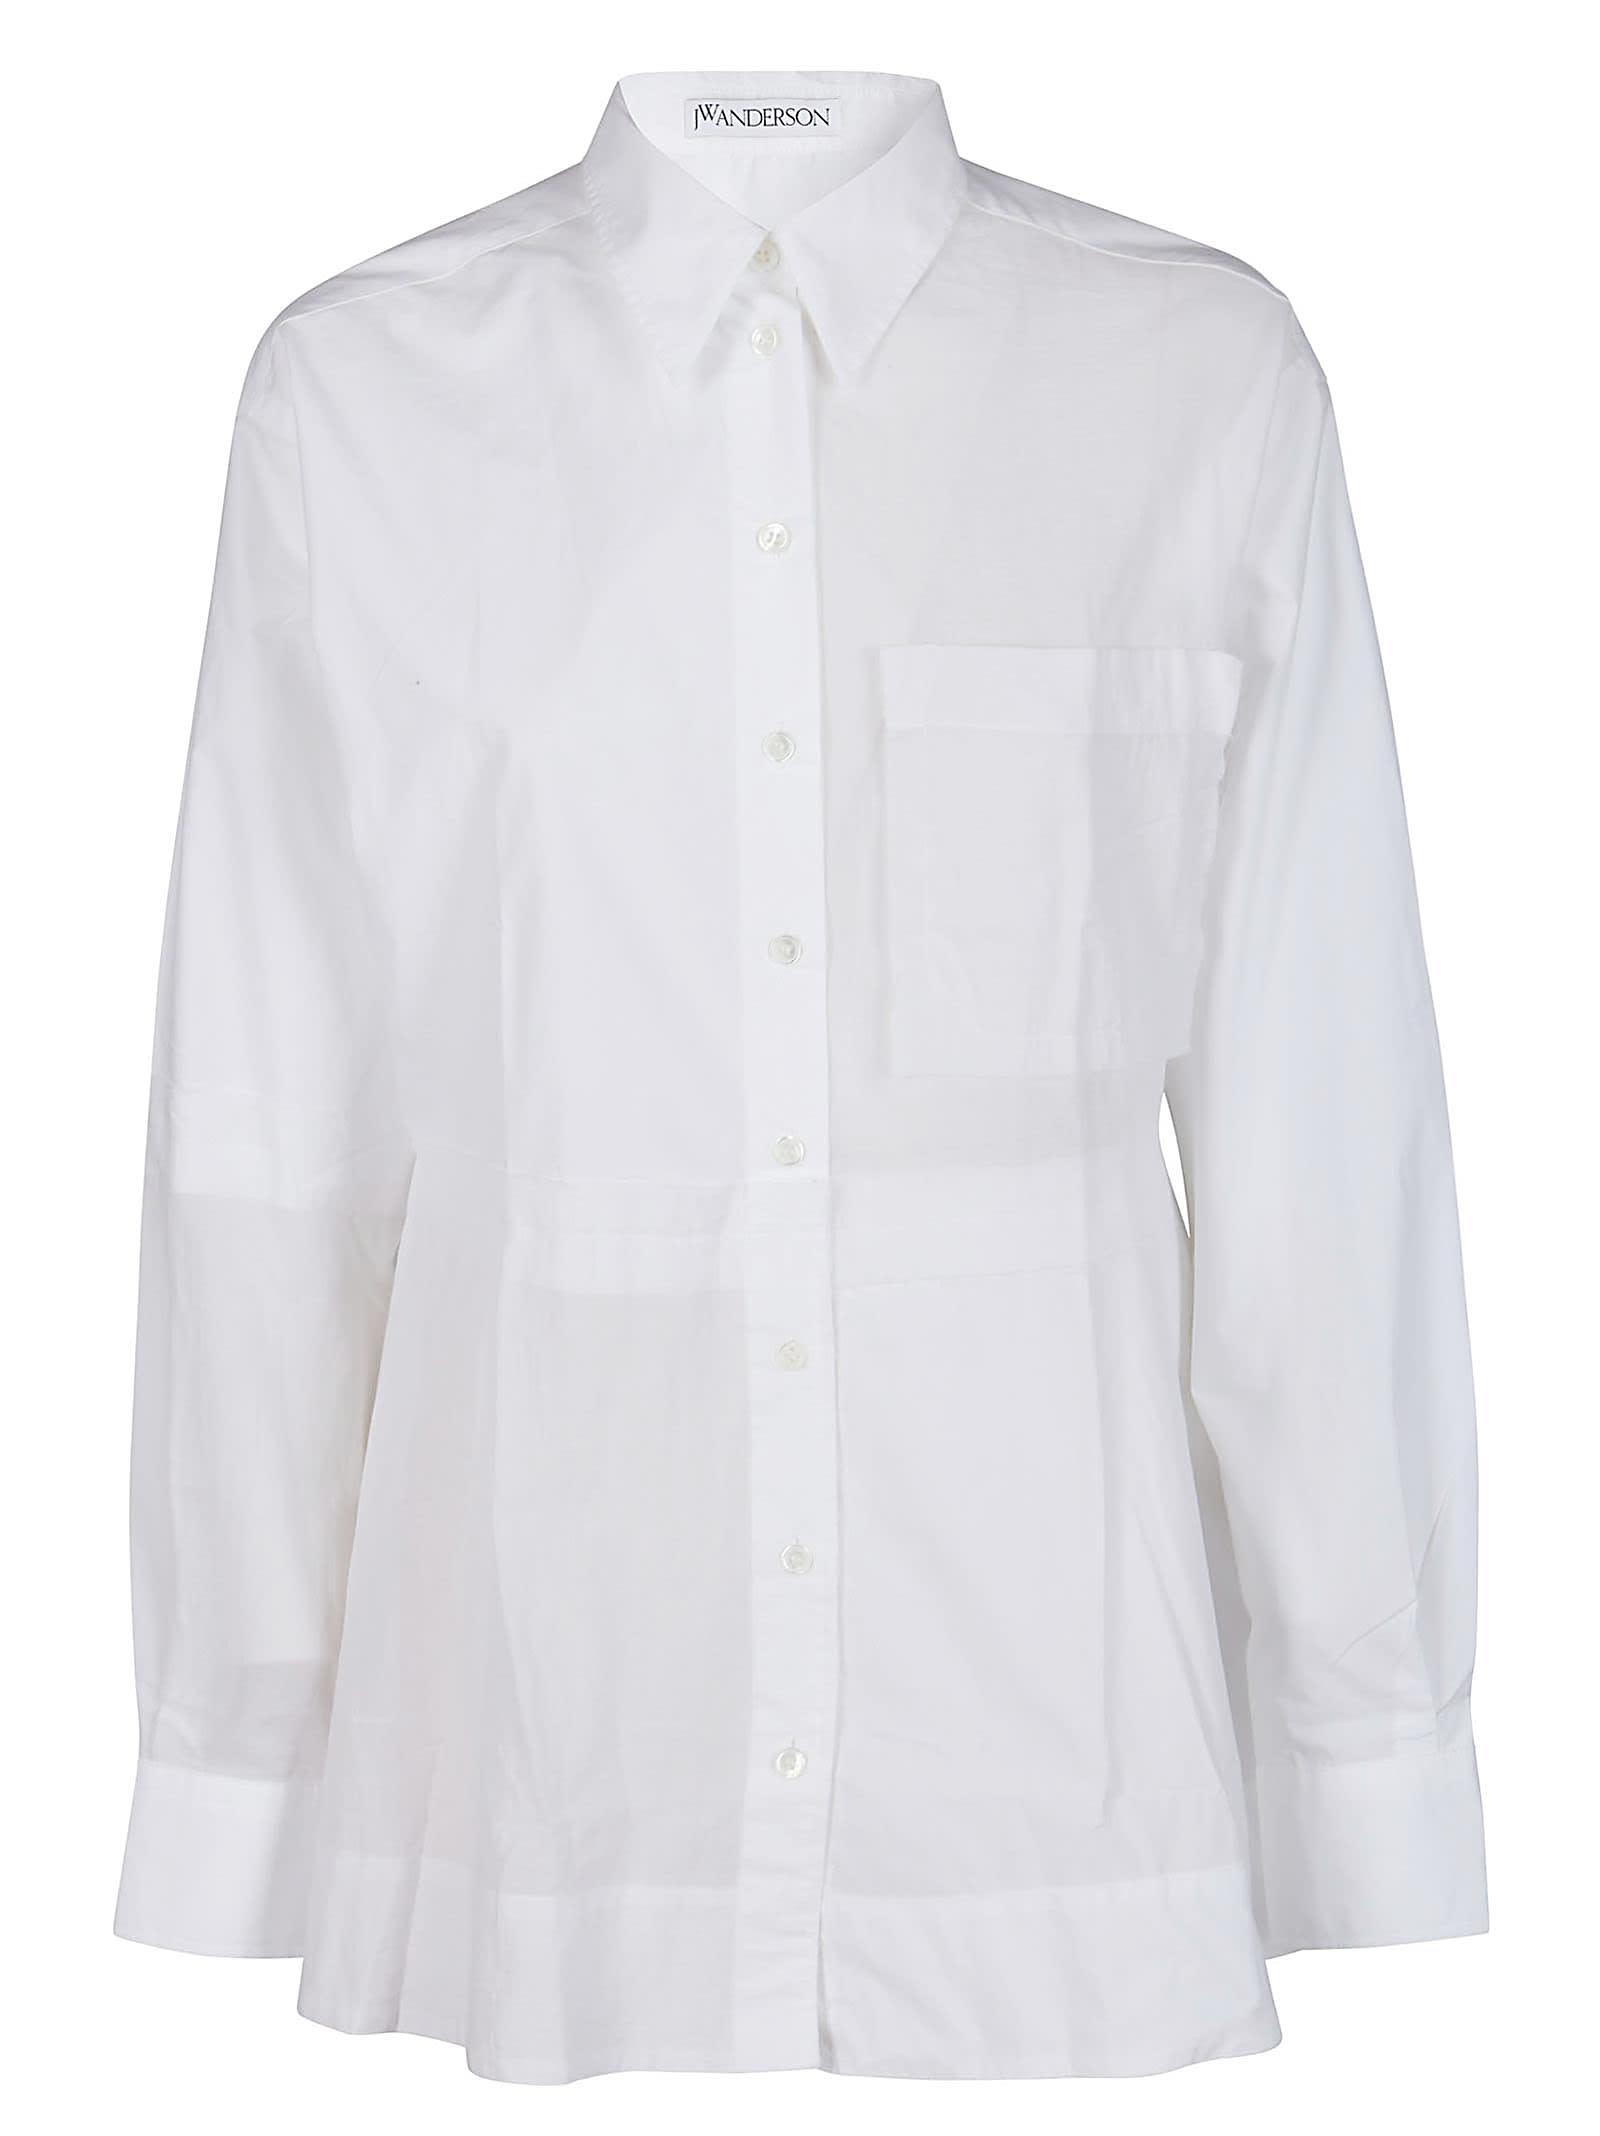 J.W. Anderson White Cotton Shirt